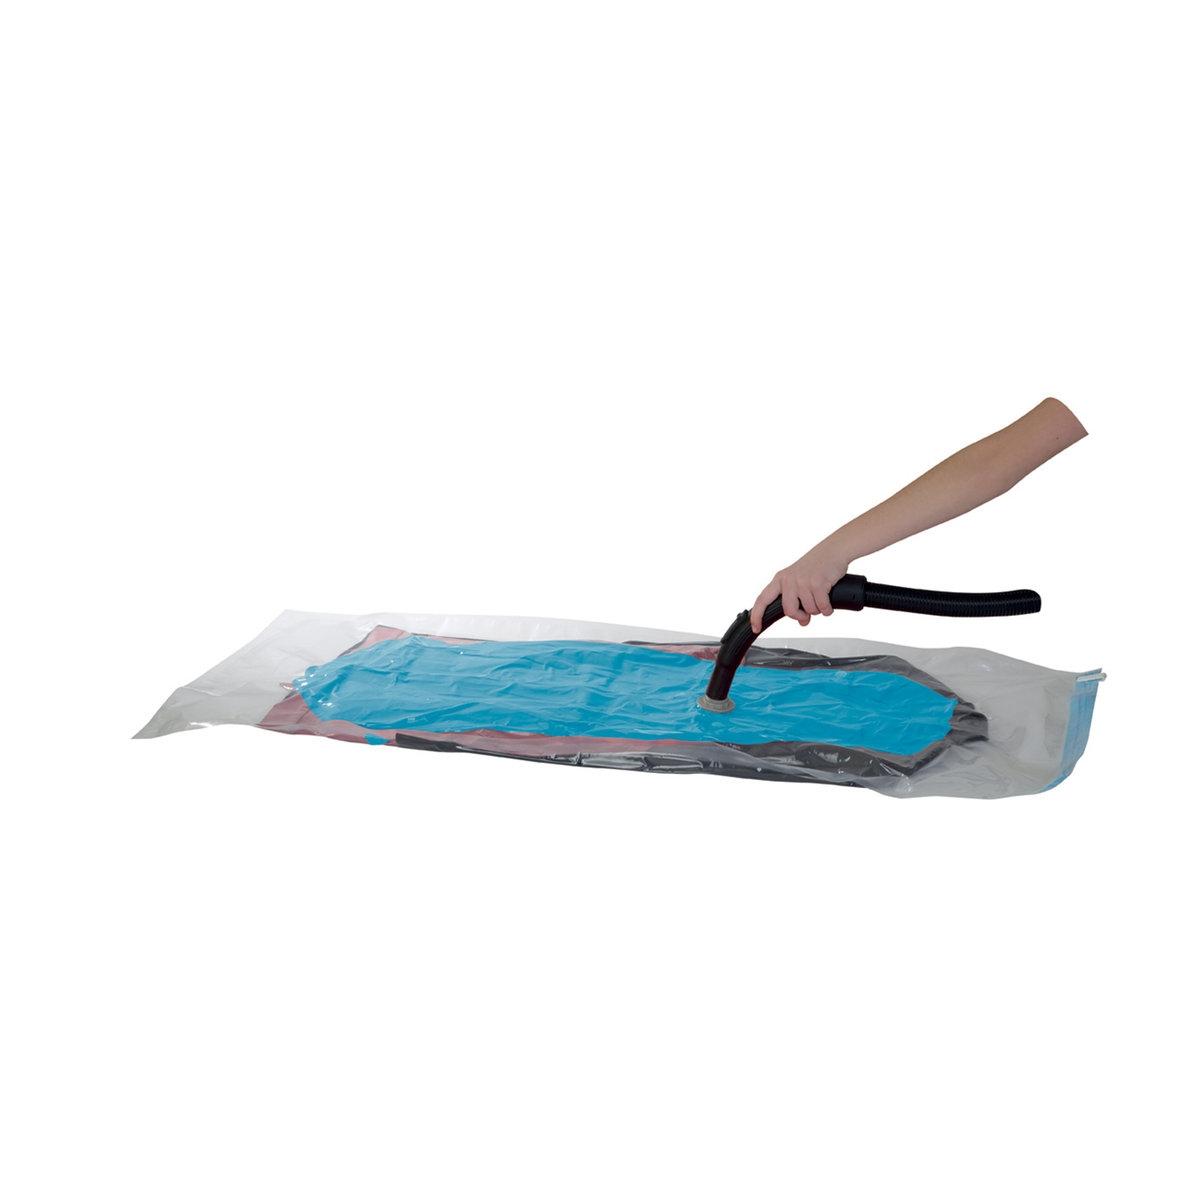 2 чехла вакуумных плоскихХарактеристики защитного вакуумного чехла:выполнены из прозрачного полиэтилена и акрилового волокна.Цветной вкладыш для быстрой идентификации.Антивозвратный клапан.Вакуумные чехлы совместимы с любой моделью пылесоса.Размер 1 вакуумного чехла:Разм. 120 x 65 см.<br><br>Цвет: бесцветный